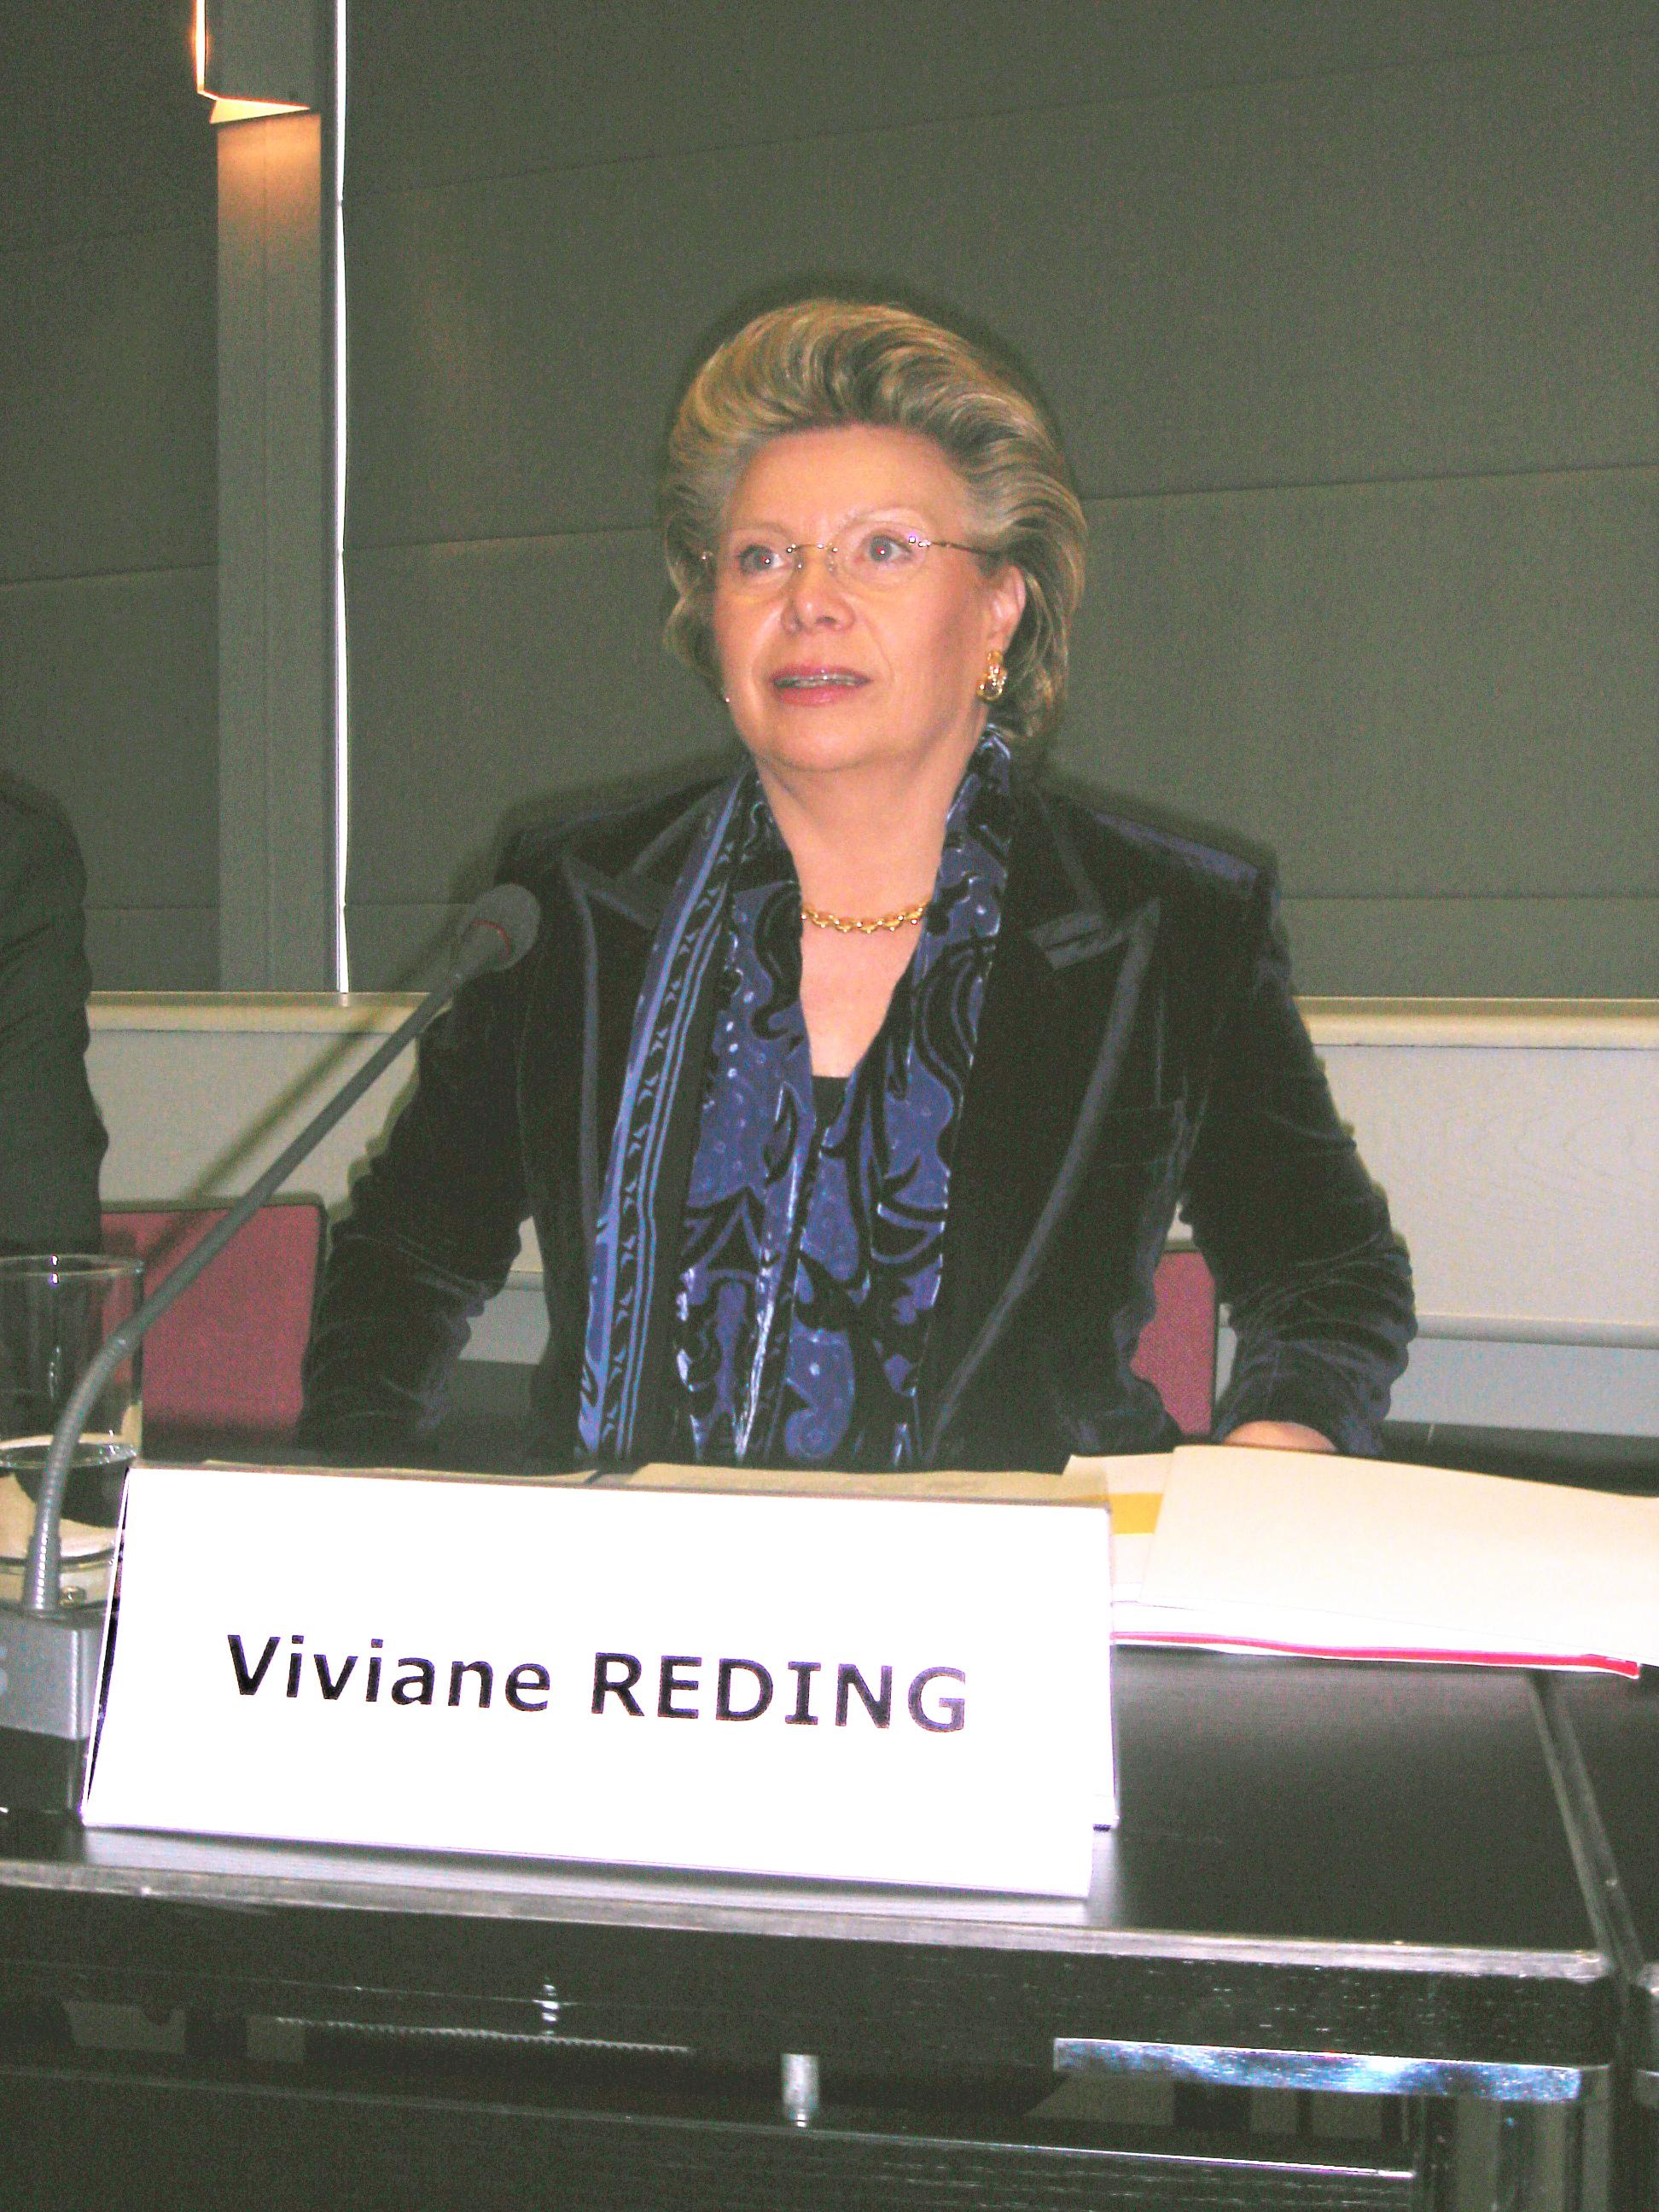 Viviane Reding, comisaria europea para la Sociedad de la Información